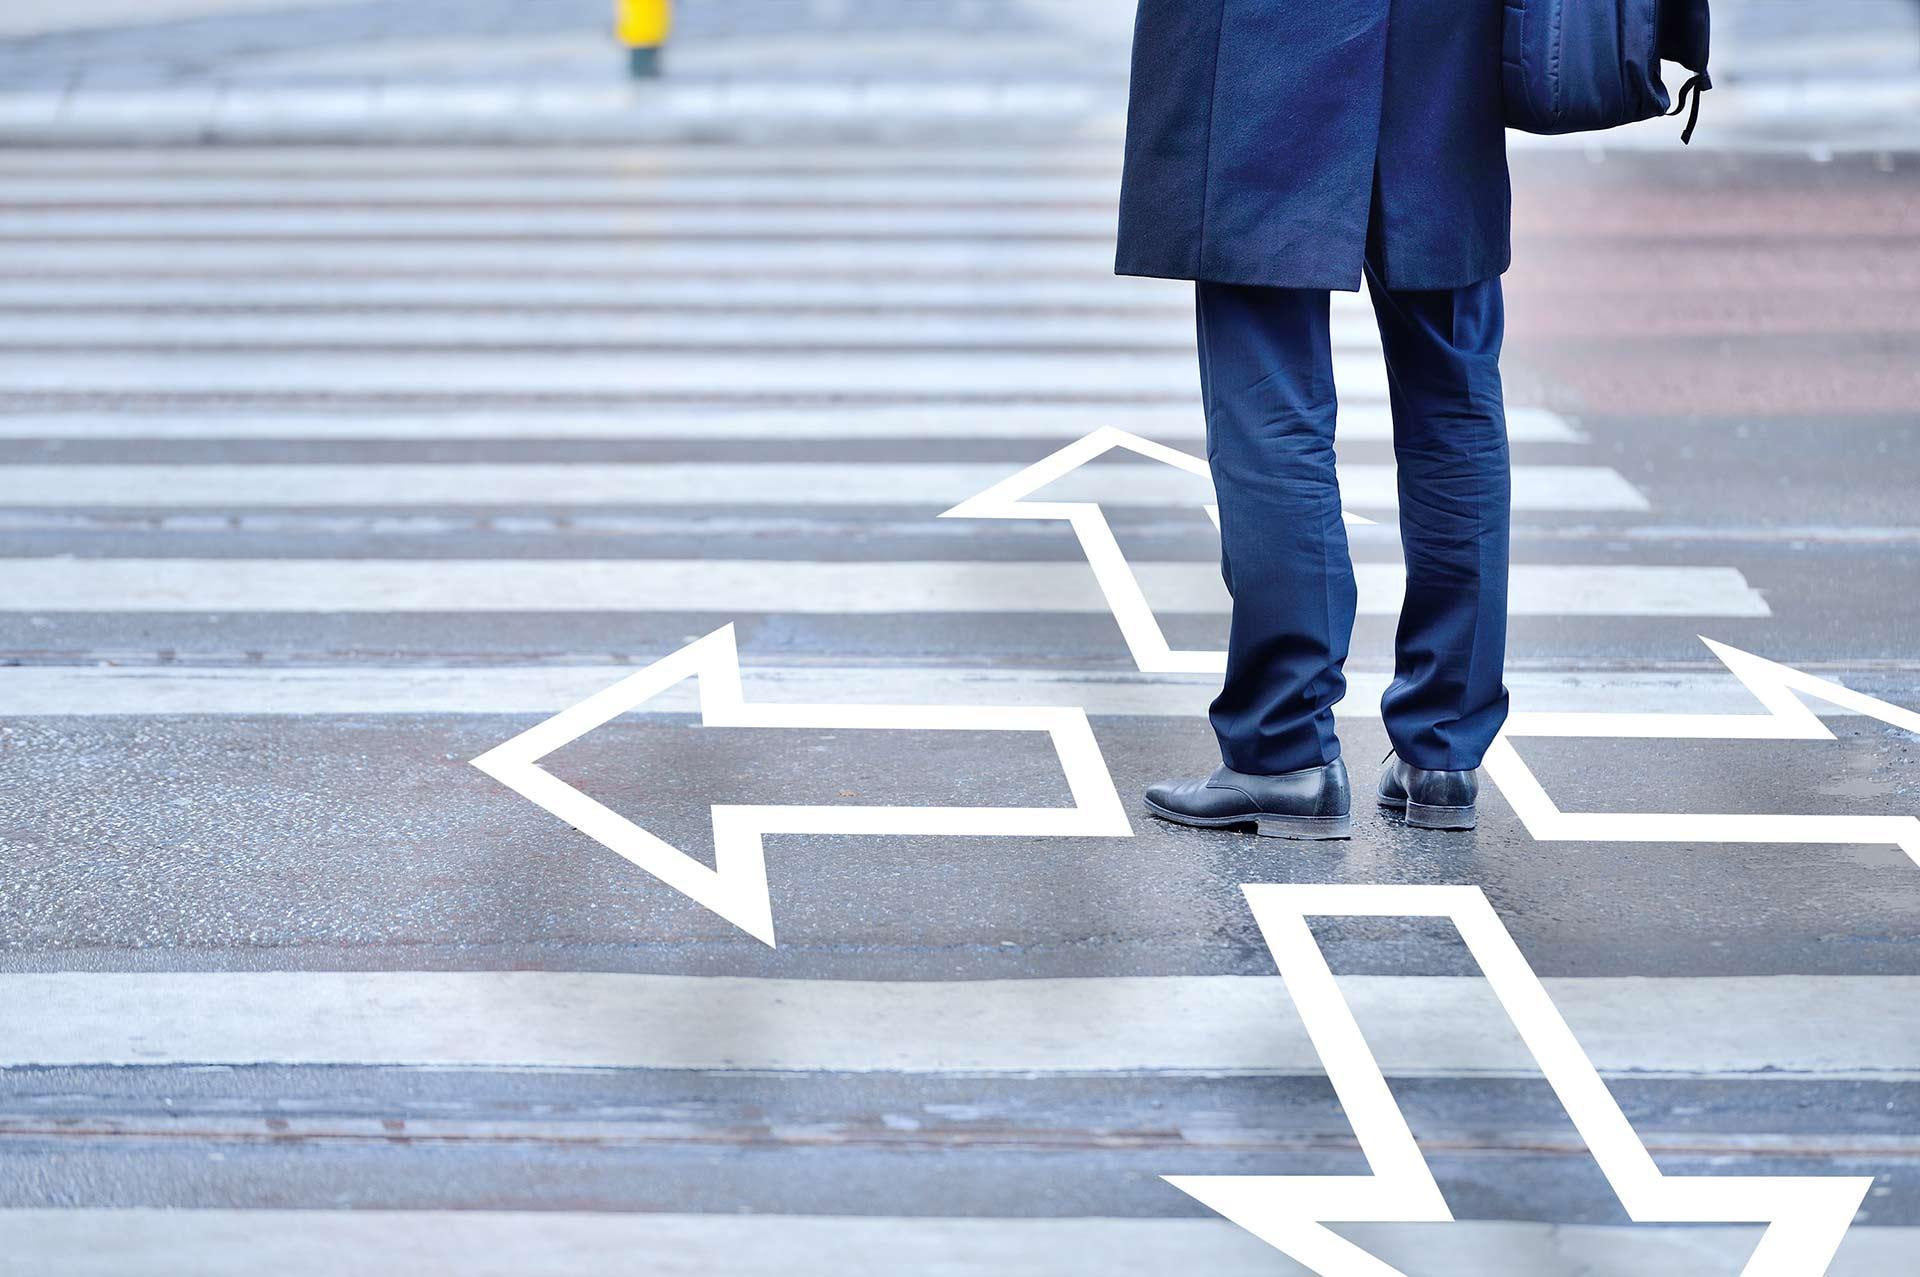 Бесплатный вебинар: Бизнес схемы не работают?! Как использовать бизнес схемы и сделать их работающими?